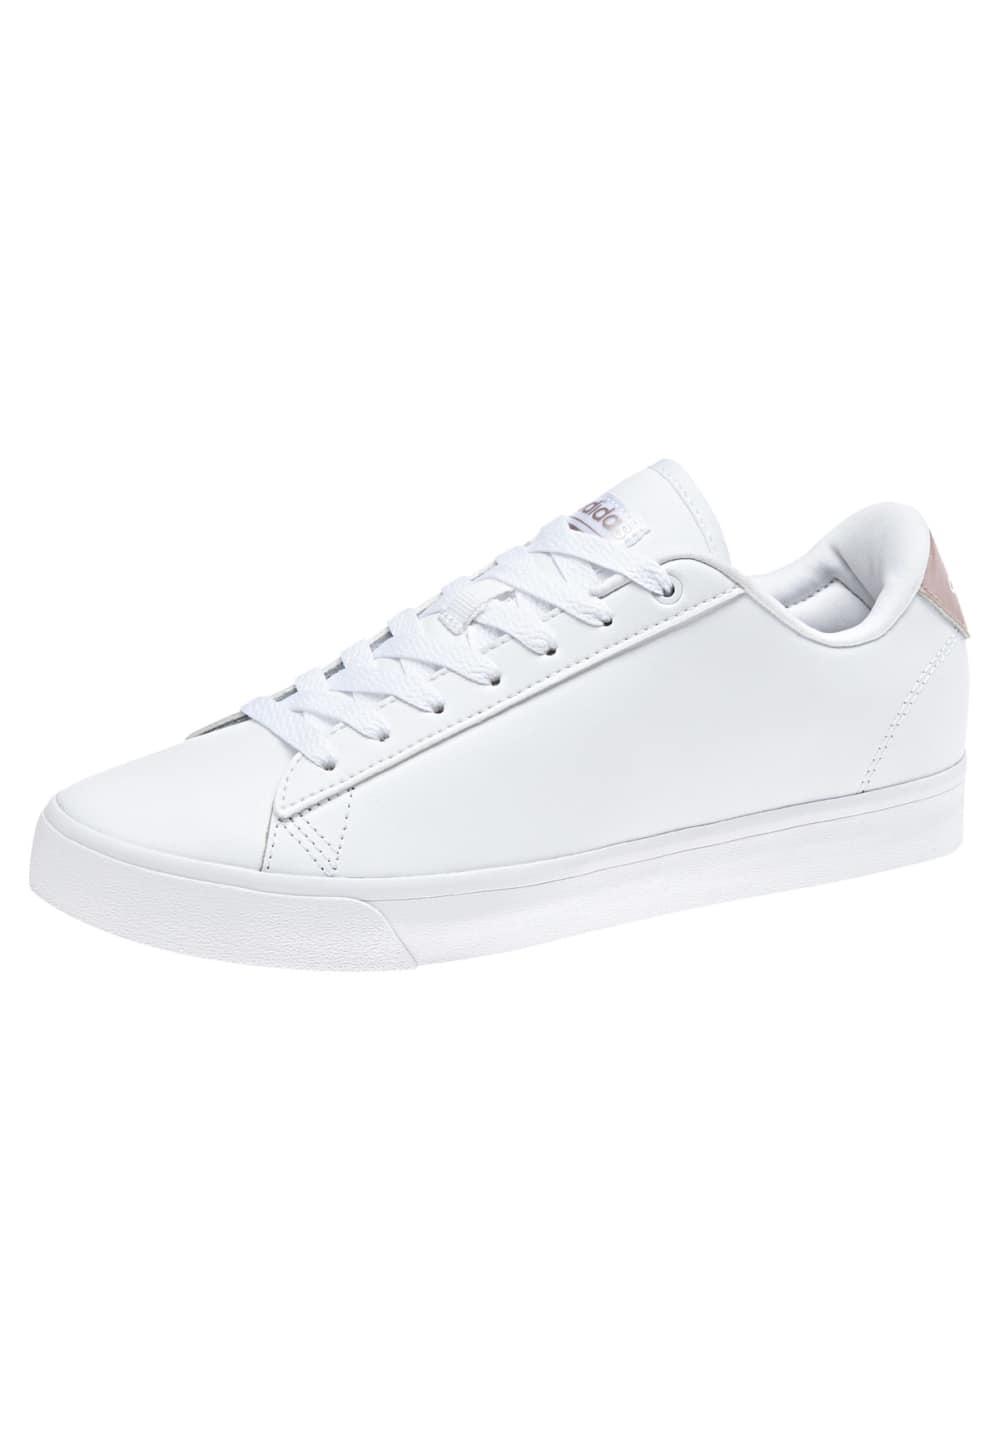 adidas neo Cf Daily Qt Cl - Sneaker für Damen - Weiß